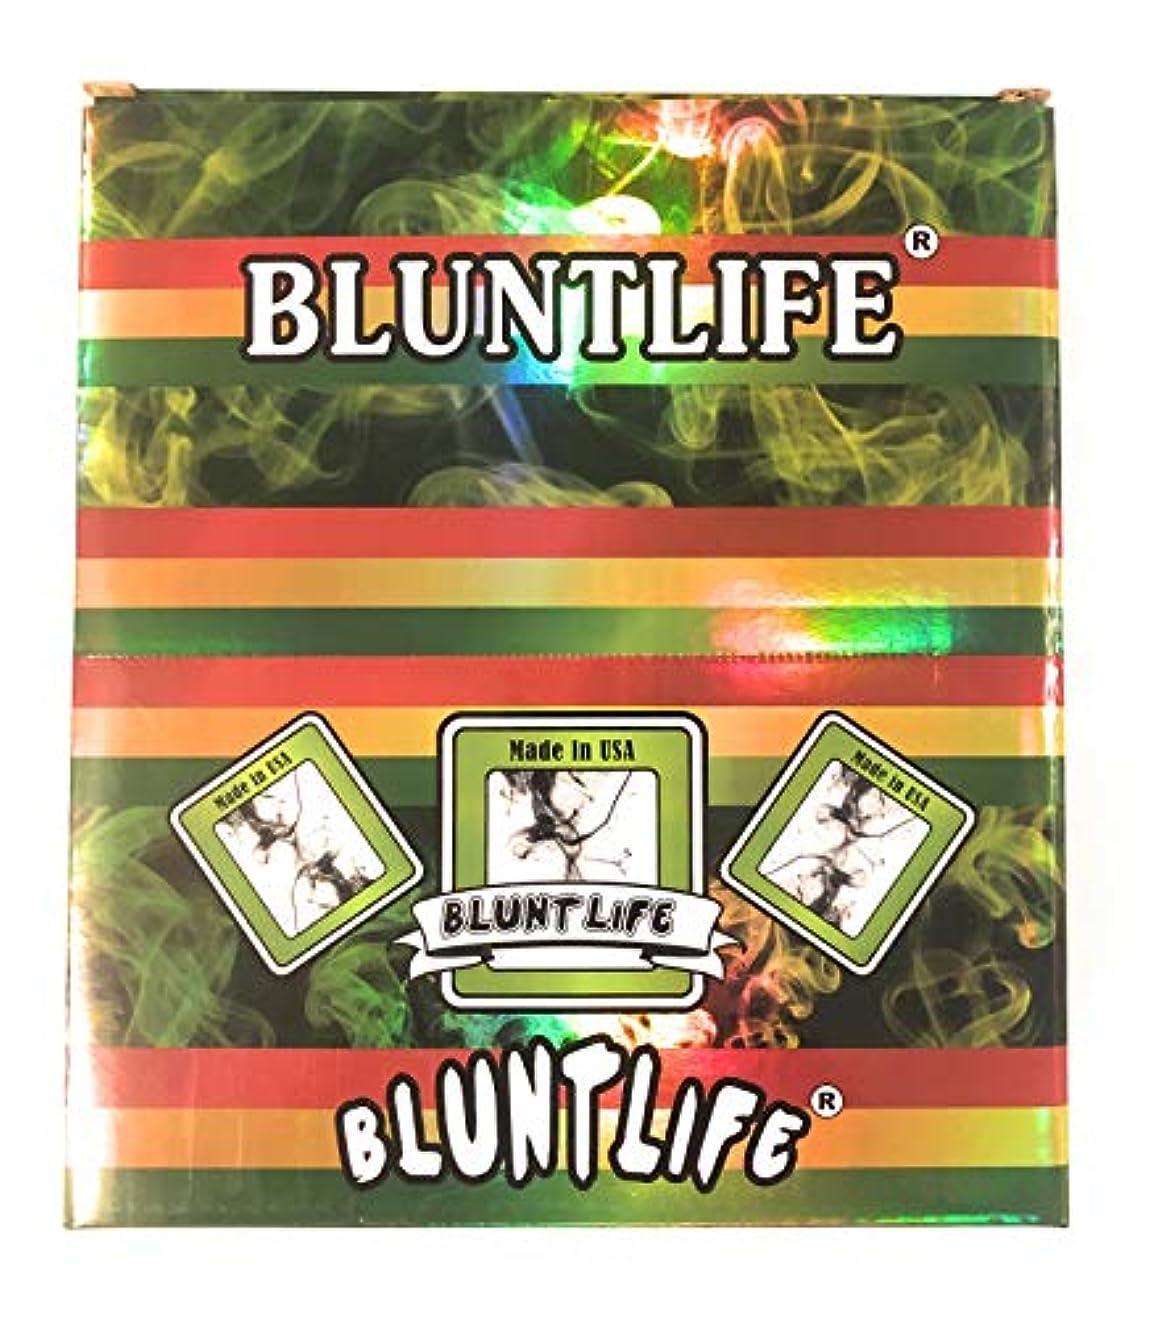 味わう洞察力のある陰気864 Incense Sticks Bulk Bluntlife Hand-dipped Incense Perfume Wands Display 12-72 Count Assorted